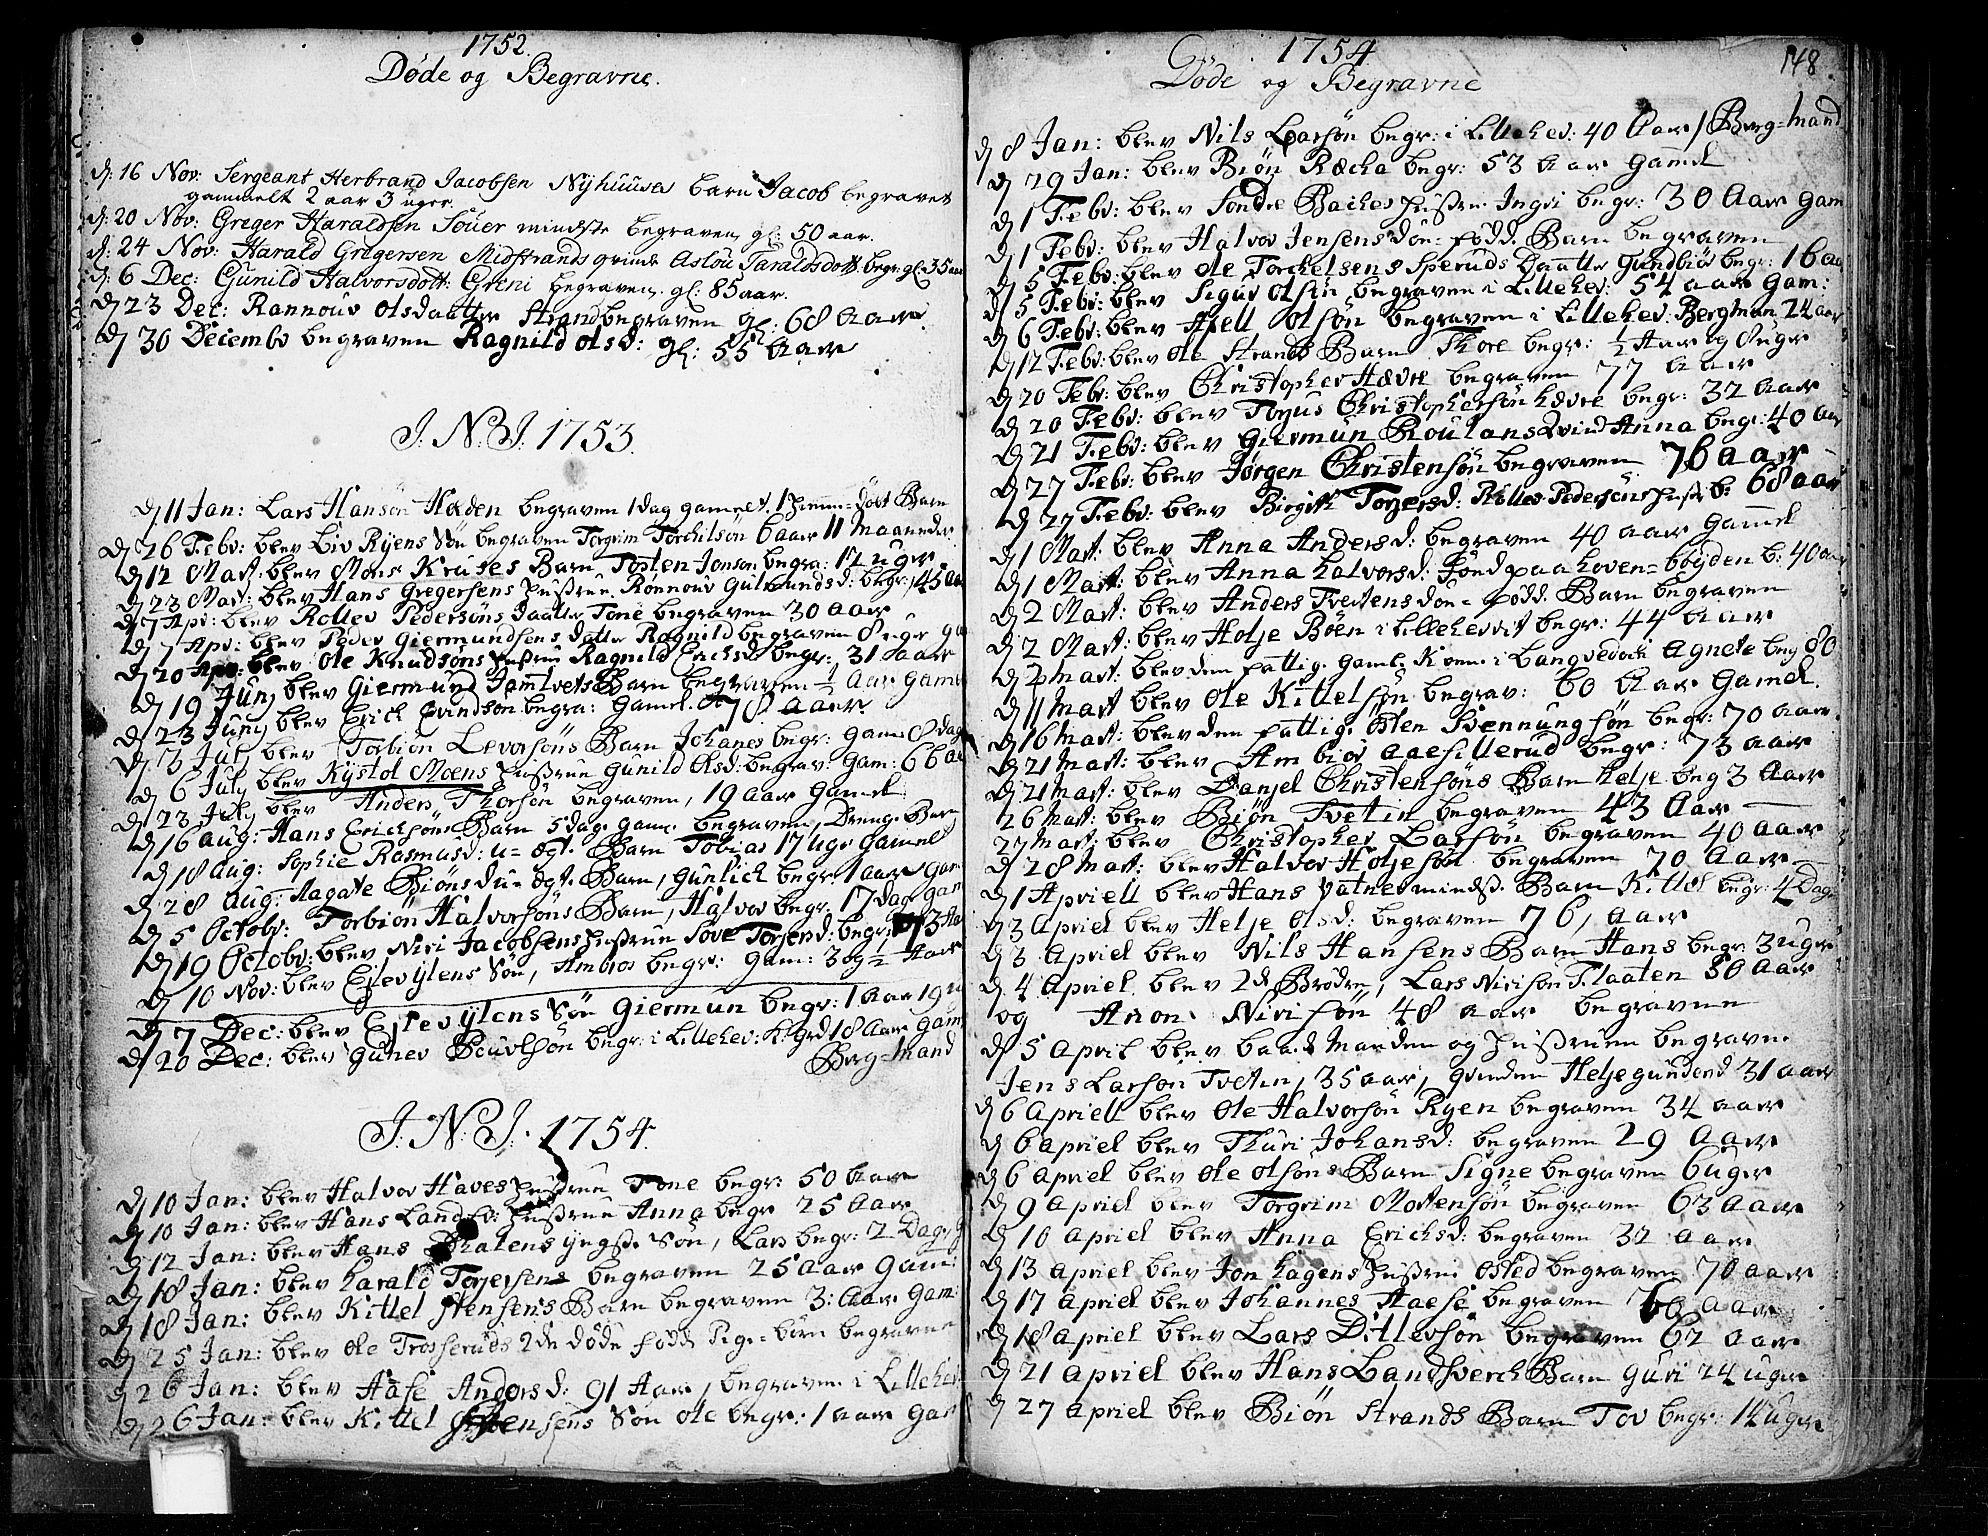 SAKO, Heddal kirkebøker, F/Fa/L0003: Ministerialbok nr. I 3, 1723-1783, s. 148